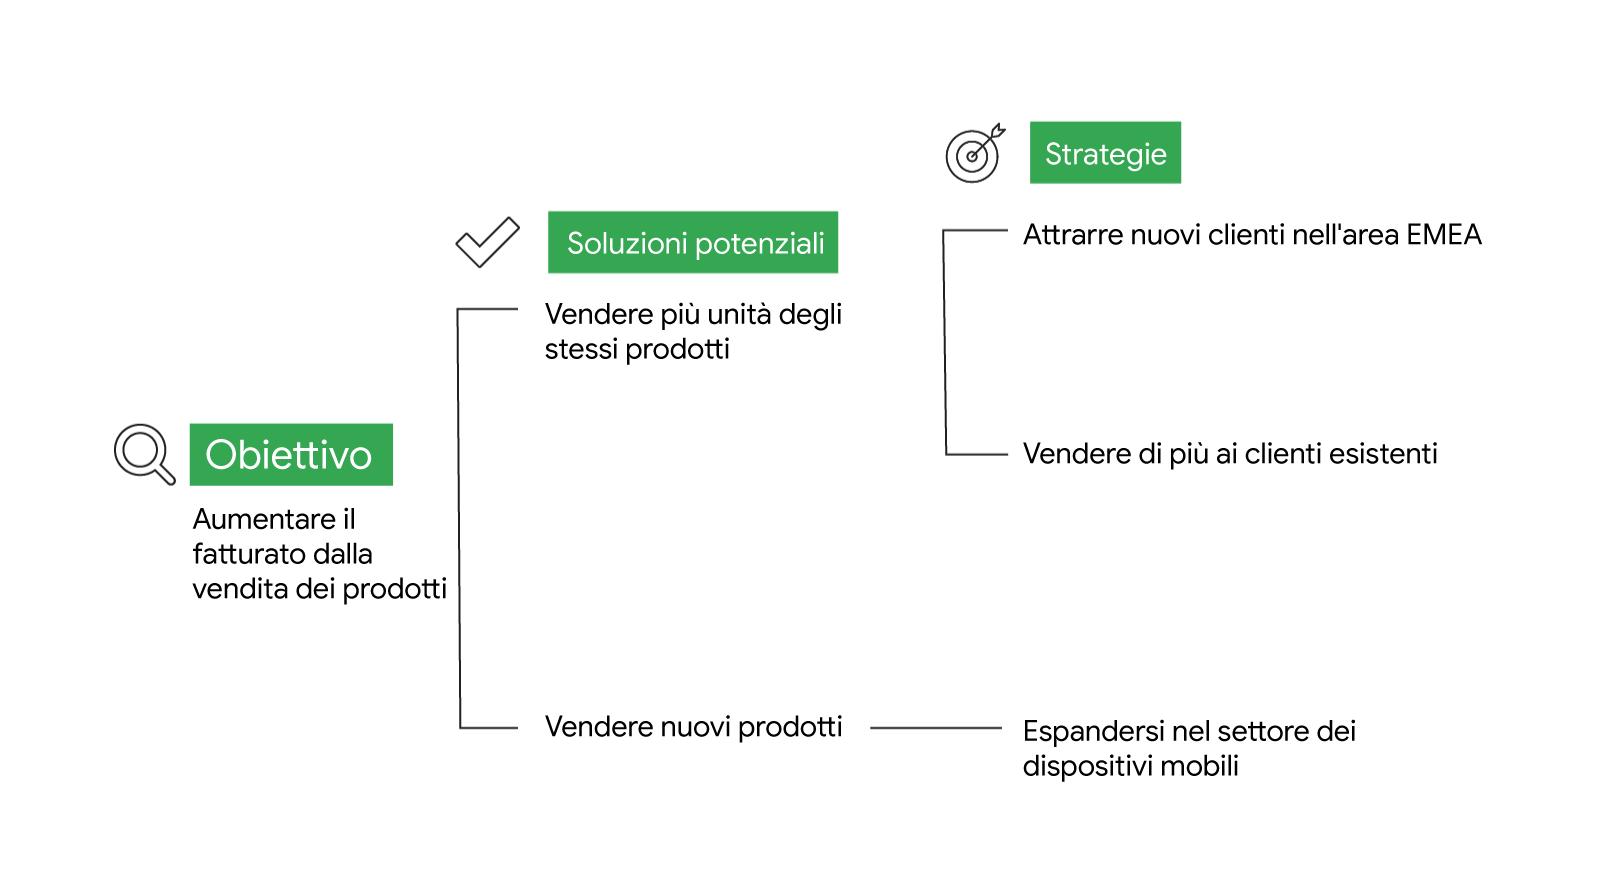 Un diagramma ad albero delle soluzioni con 1 obiettivo: aumentare il fatturato dalla vendita dei prodotti; 2 soluzioni potenziali: vendere più unità degli stessi prodotti e vendere nuovi prodotti; e, infine, 3 strategie: attrarre nuovi clienti nell'area